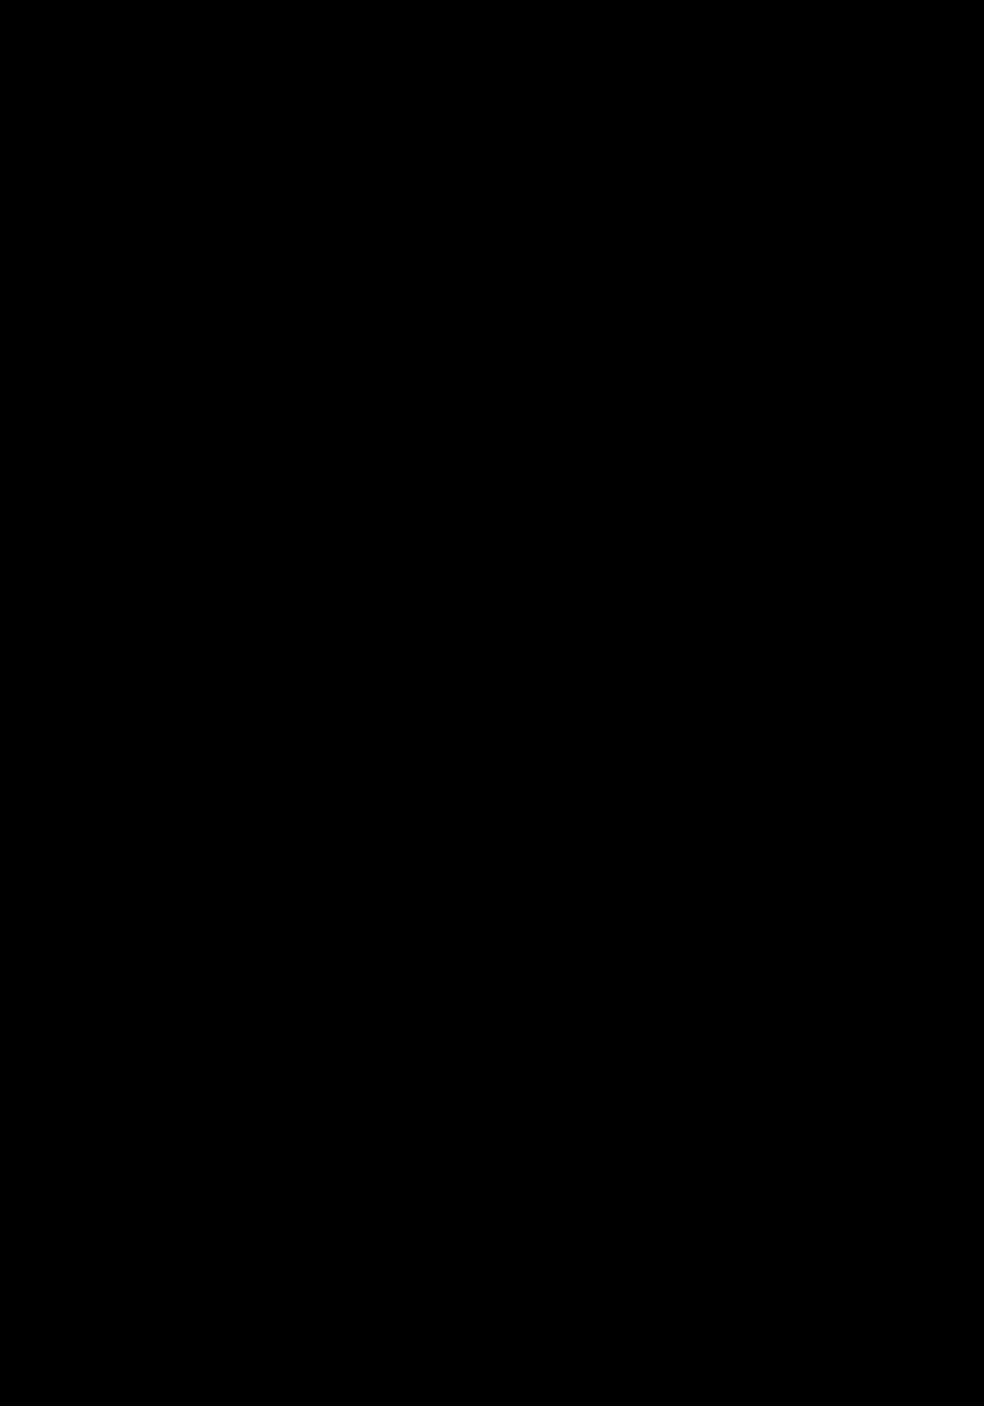 ゴナ D かなC DNAG-C 縦組見本